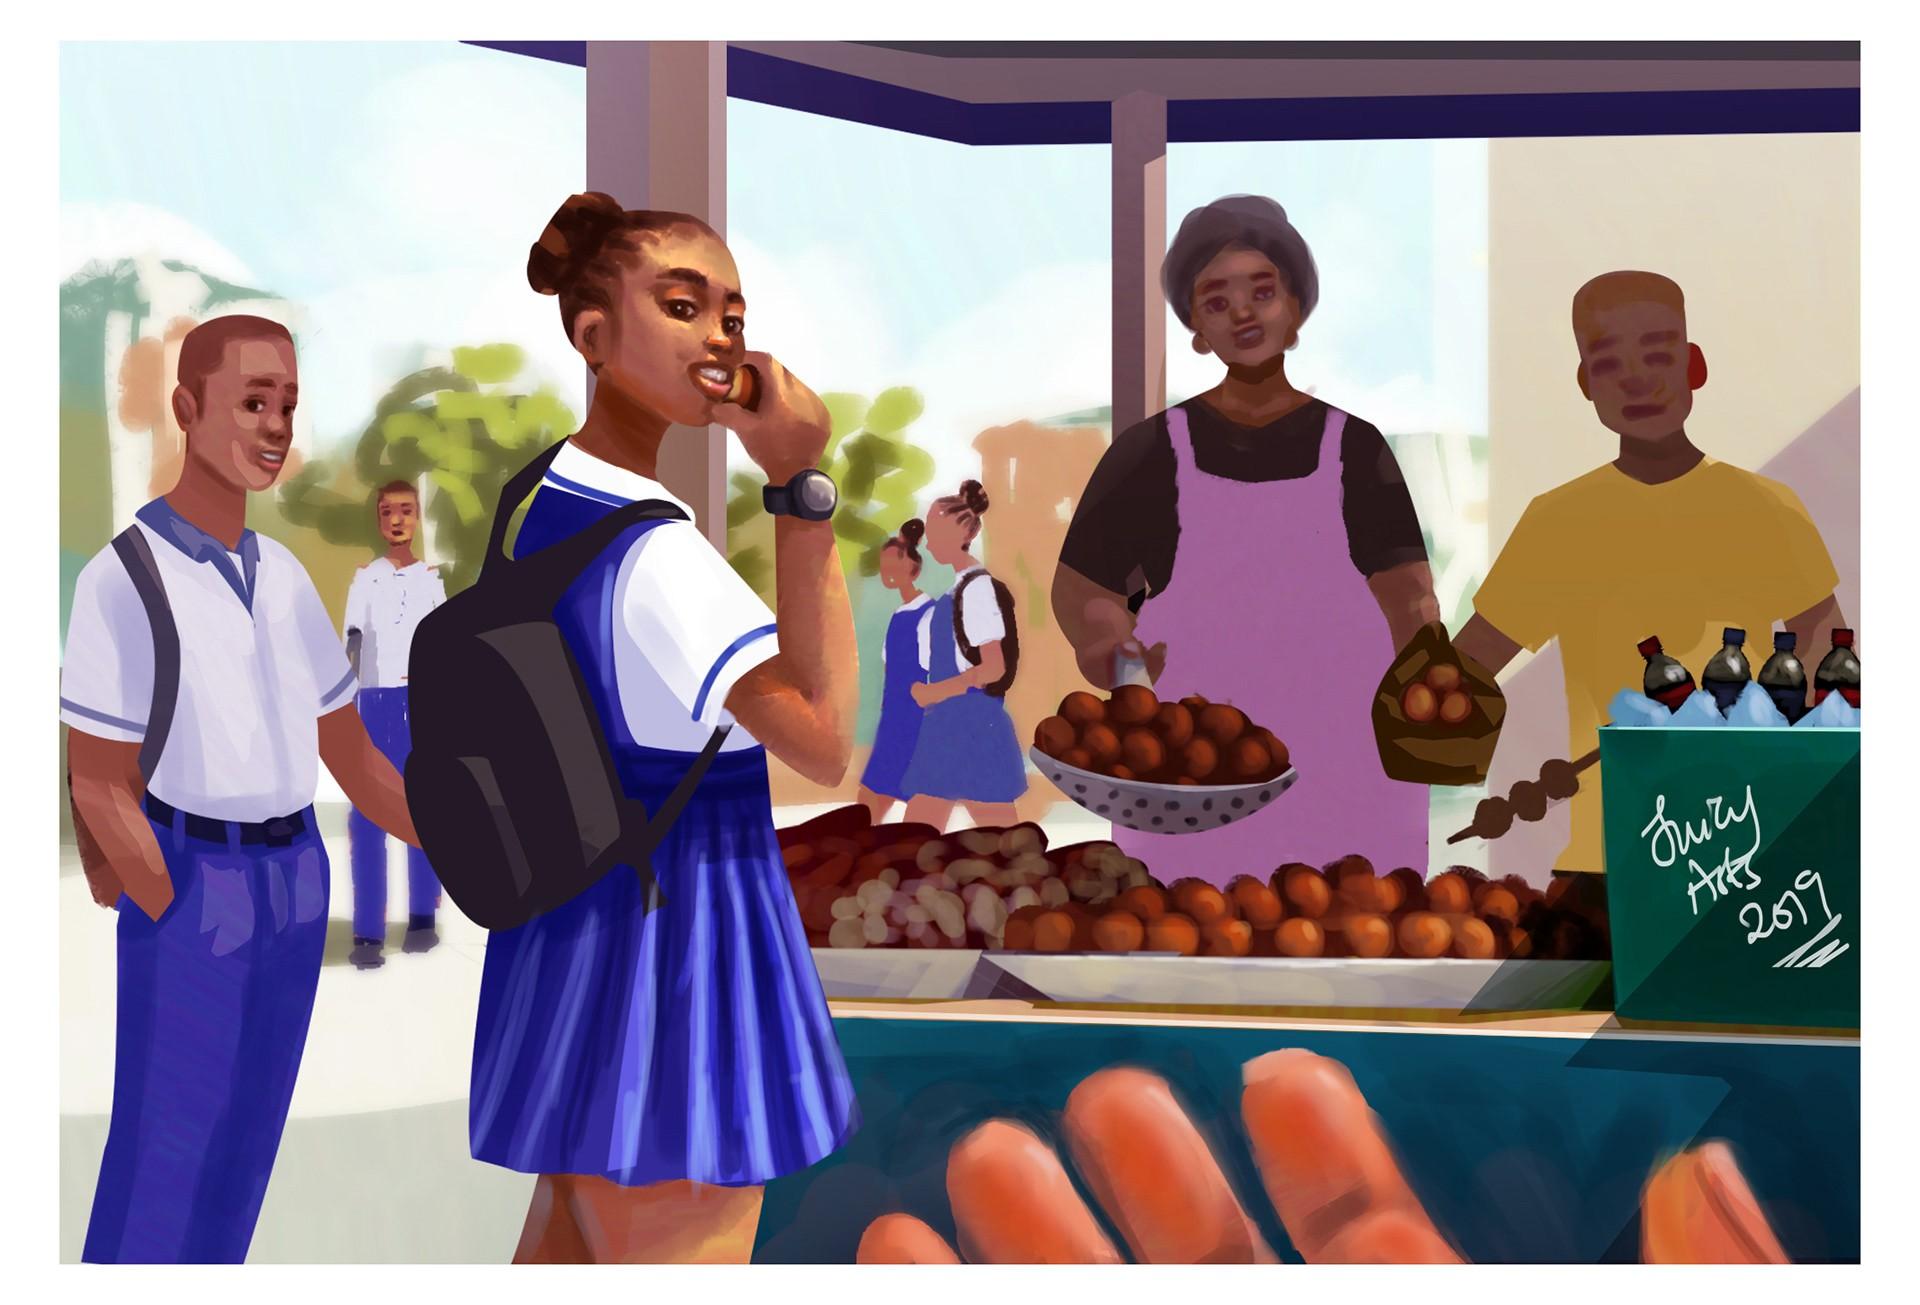 12款Godwin Juliet的鲜艳跳脱的人物场景插画